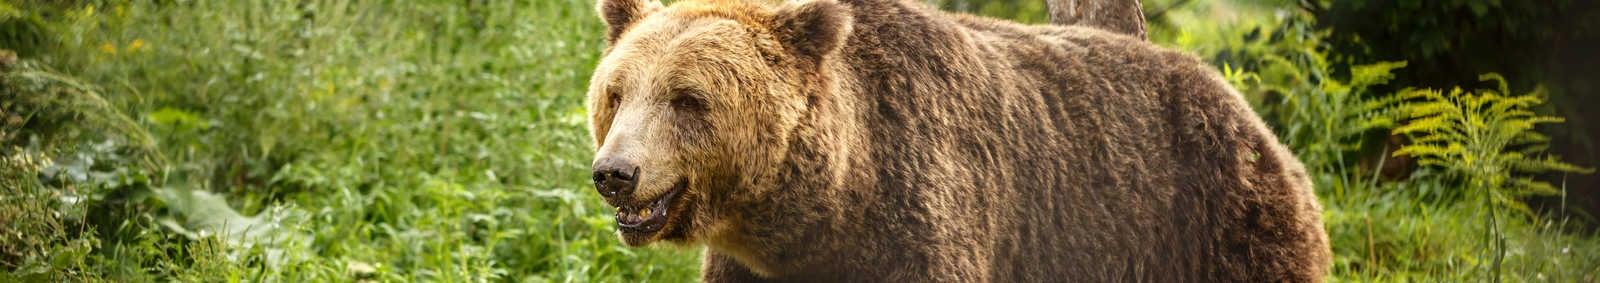 European brown bear walking in forest